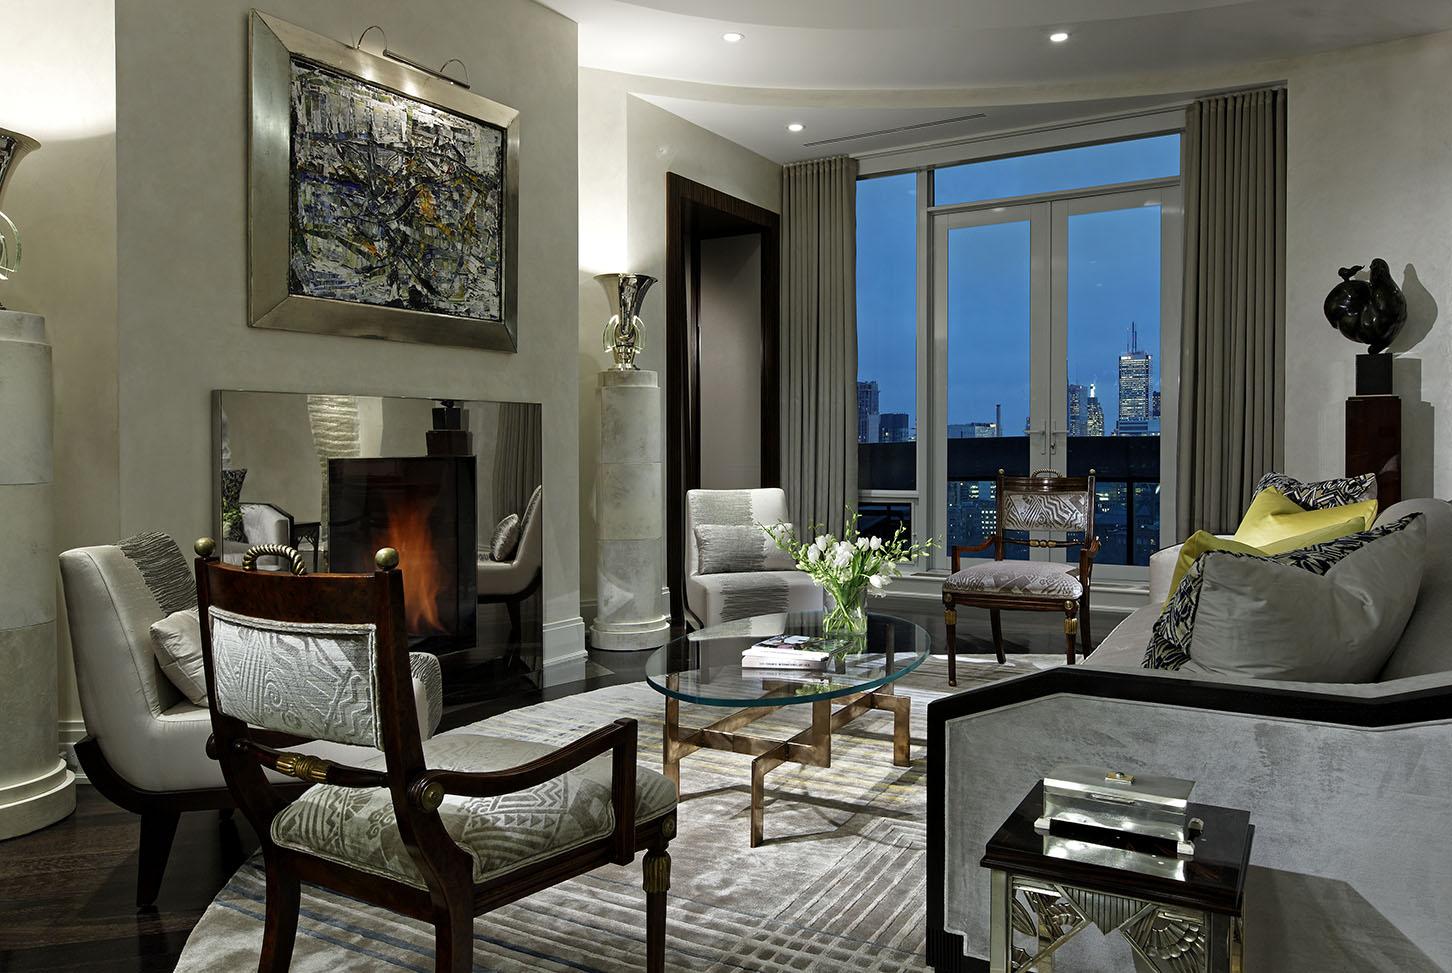 17_Living Room Night Shot.jpg